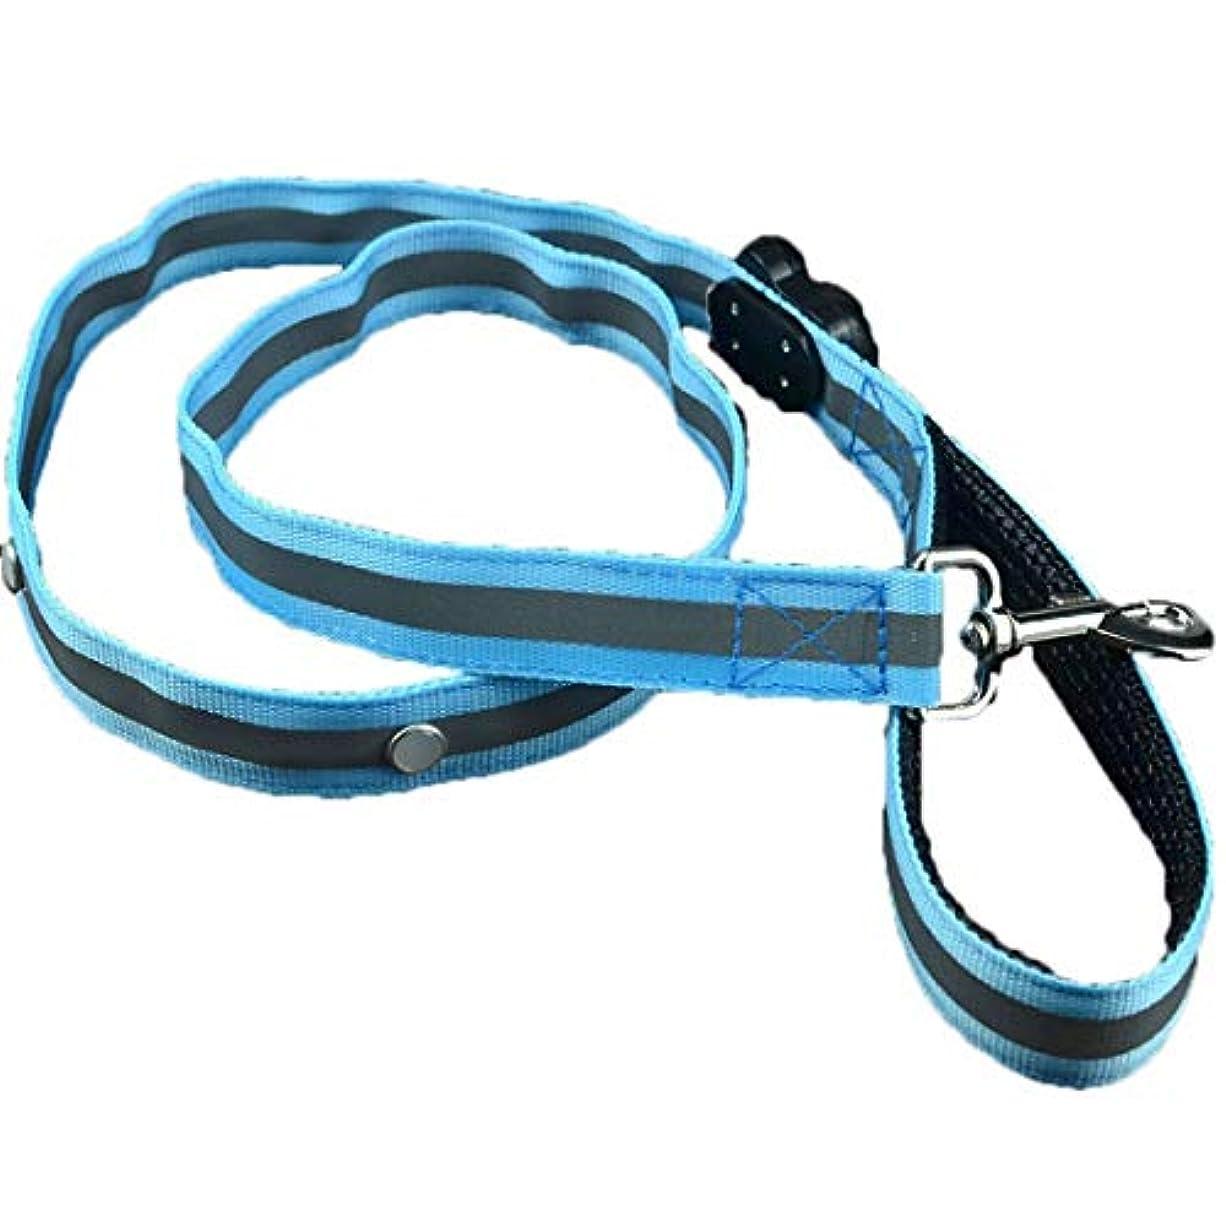 特許抑制カッターKoloeplf LEDライトペットリーシュナイロンドッグロープ小型中大型犬用引きベルト